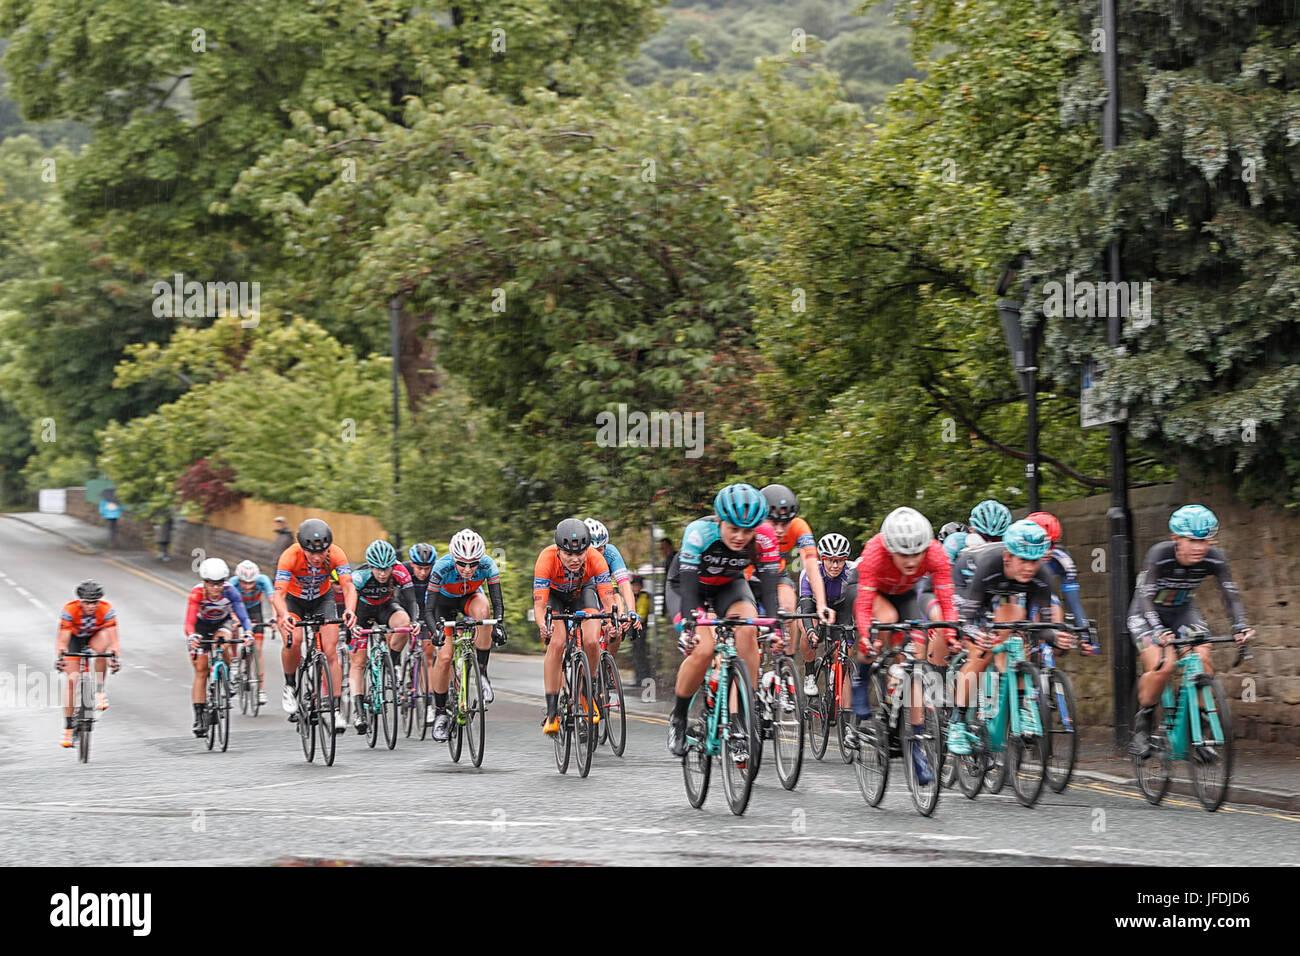 Otley Cycle race - Stock Image